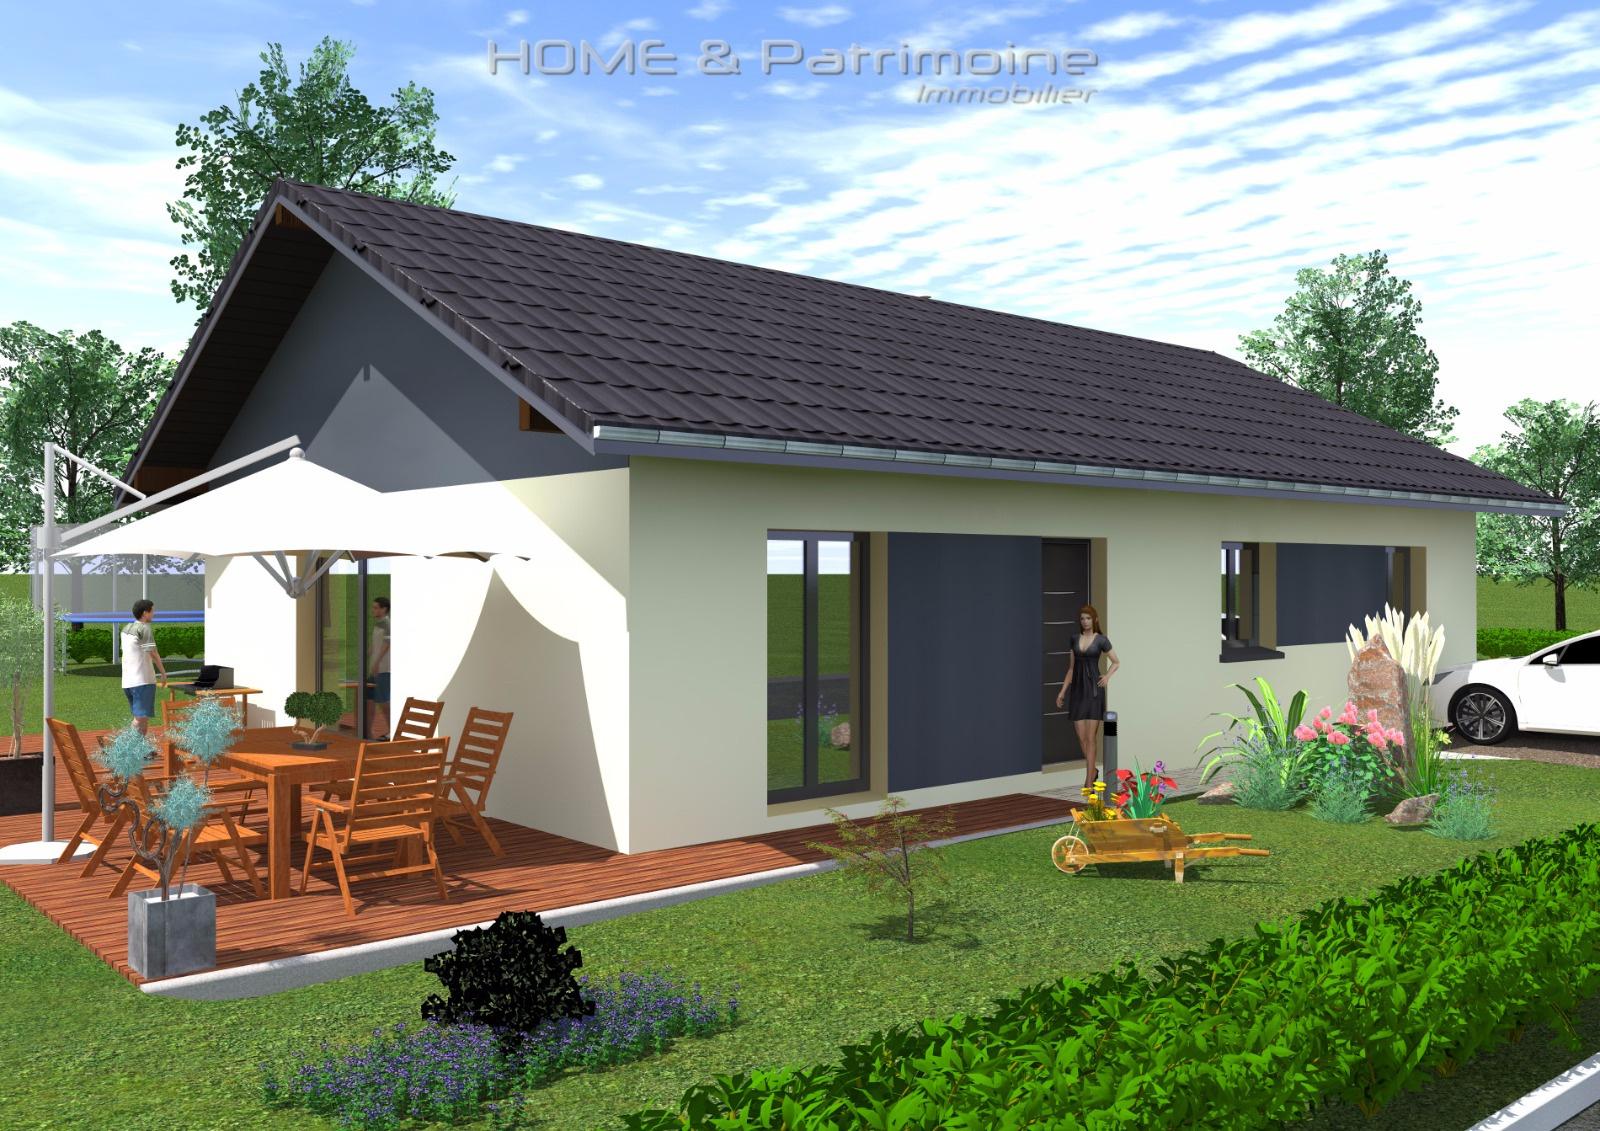 Vente projet d 39 une maison de plein pied de 92 m for Hauteur d une maison plein pied